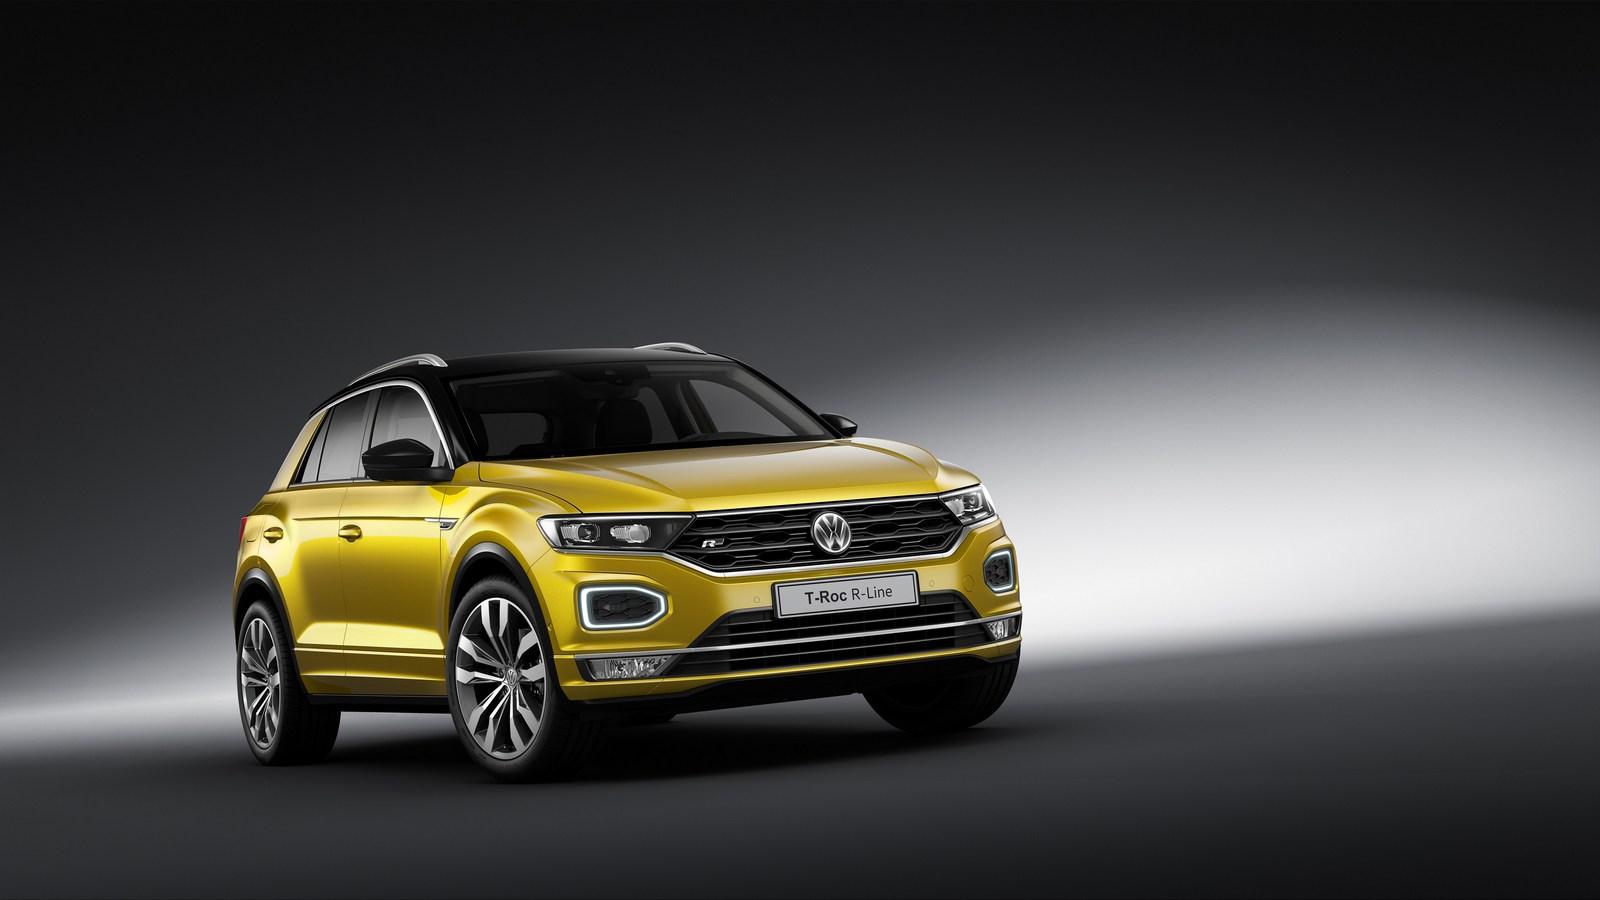 VW-T-Roc-R-Line-1